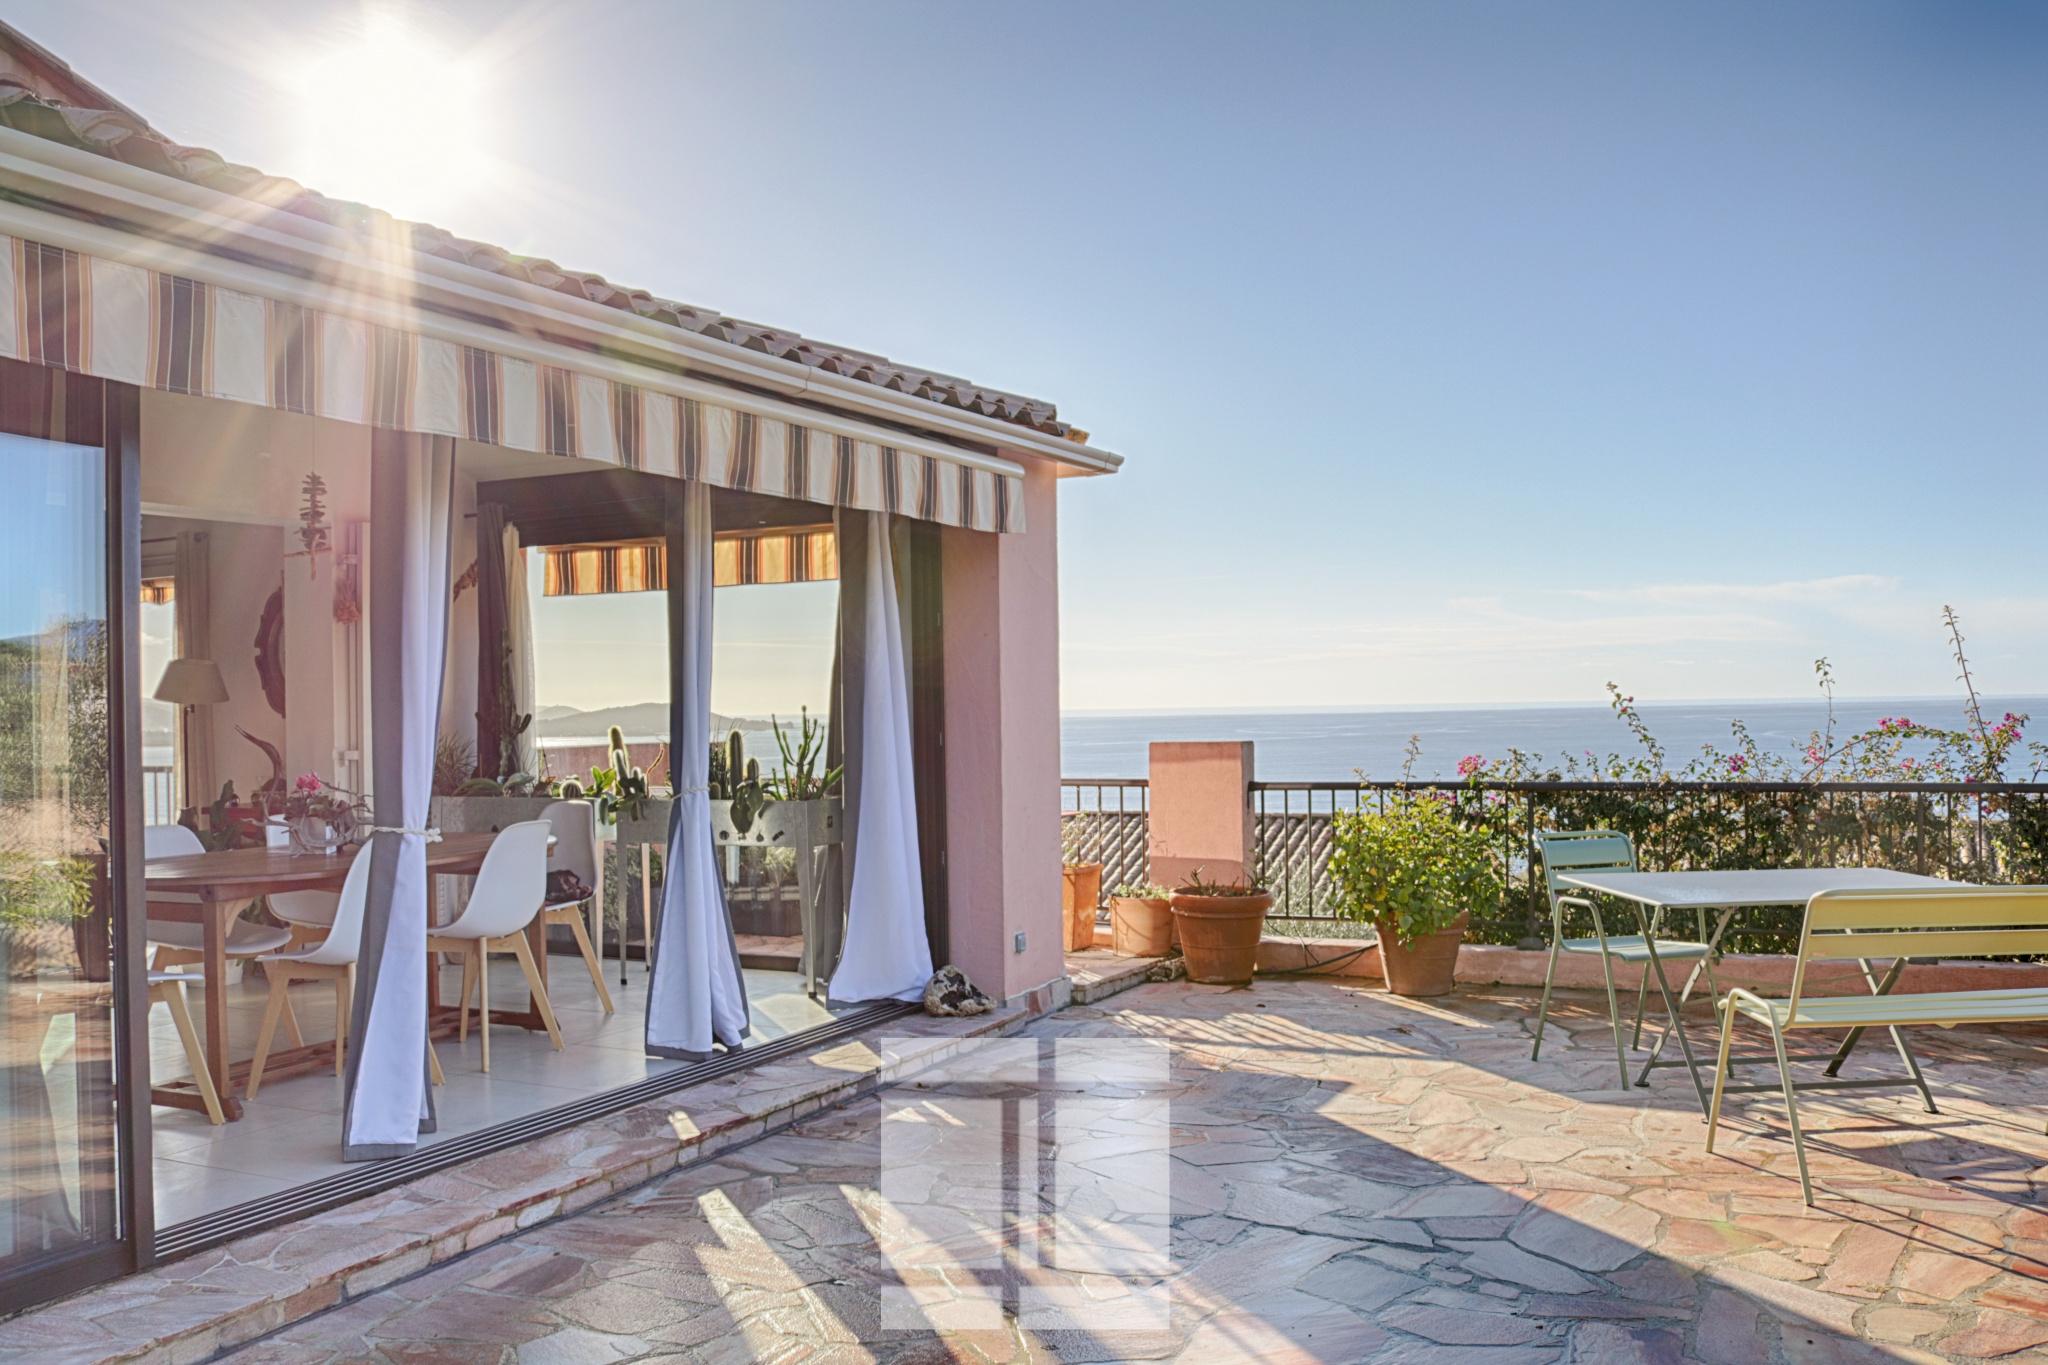 Porticcio - Maison à la vue splendide sur le golfe